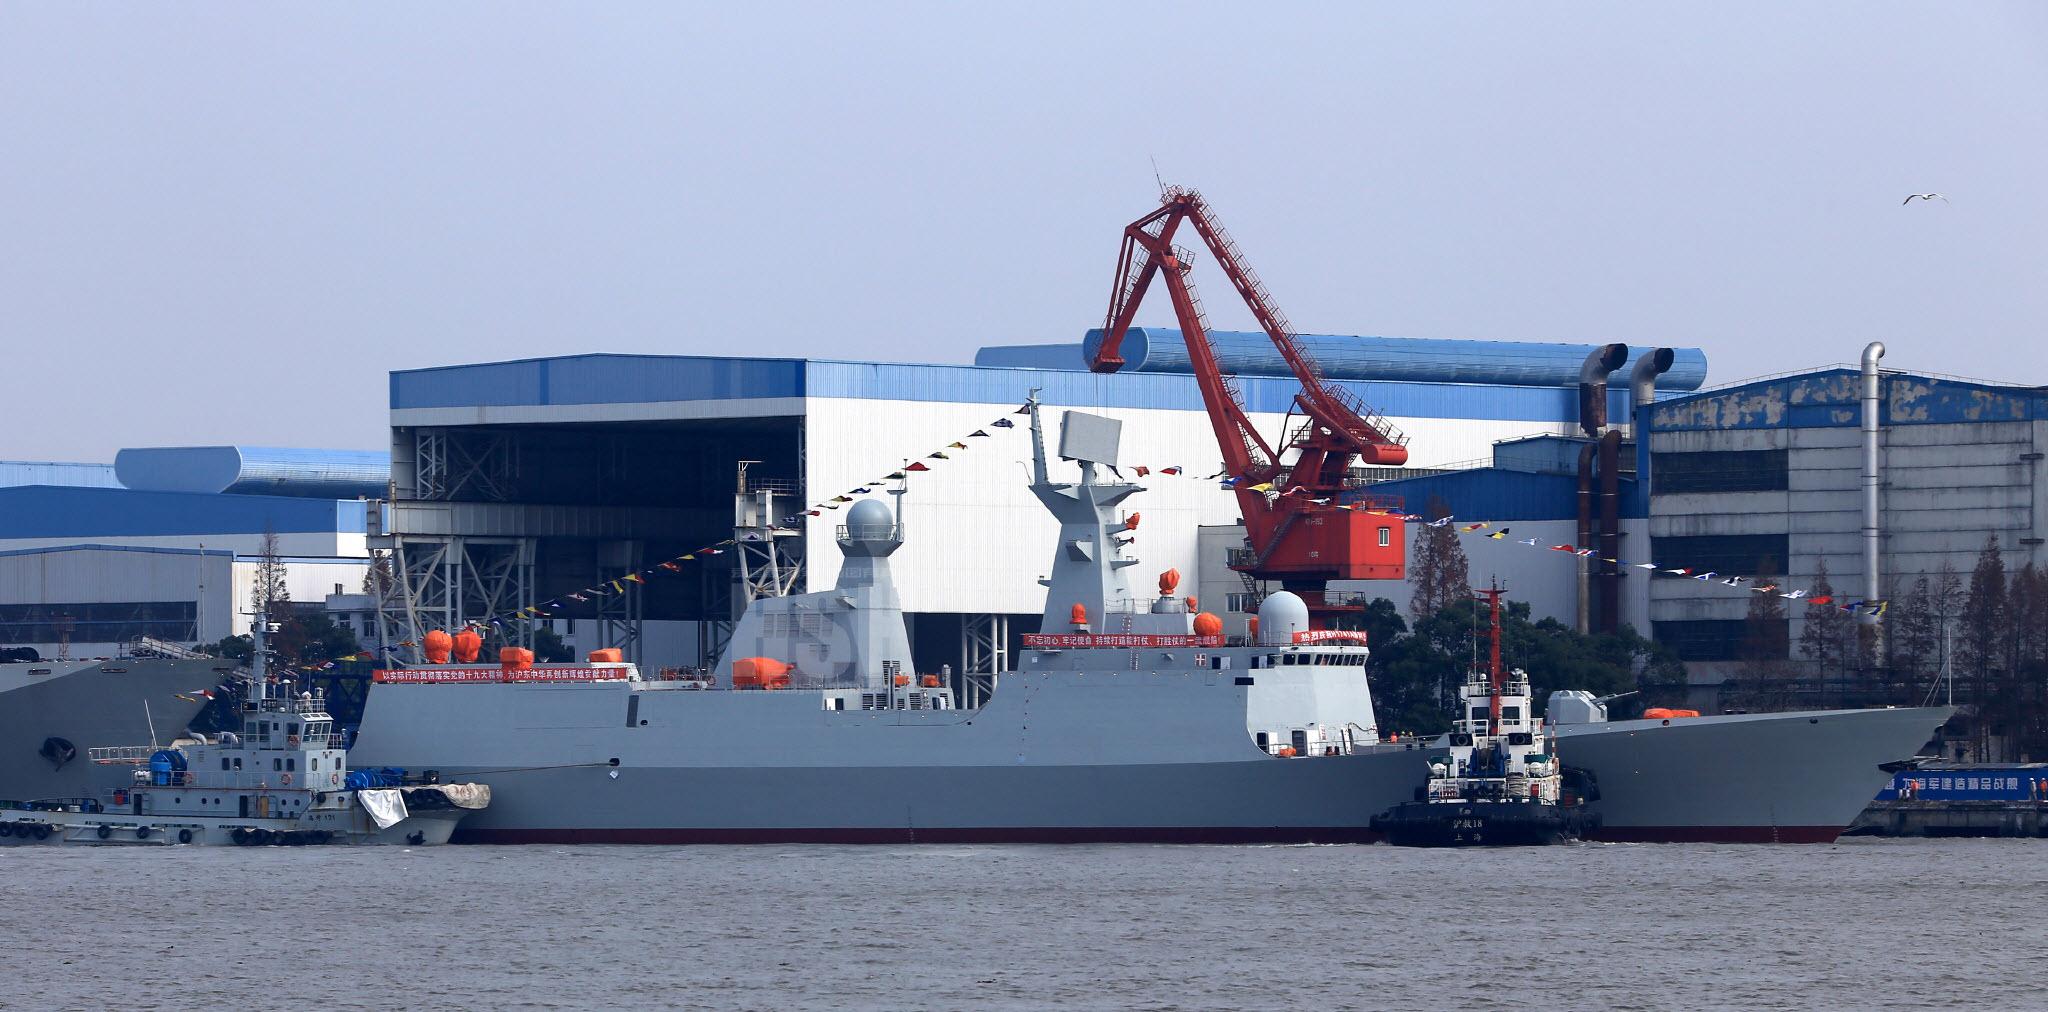 2017-12-16-Lancement-de-la-29e-frégate-Type-054A-04